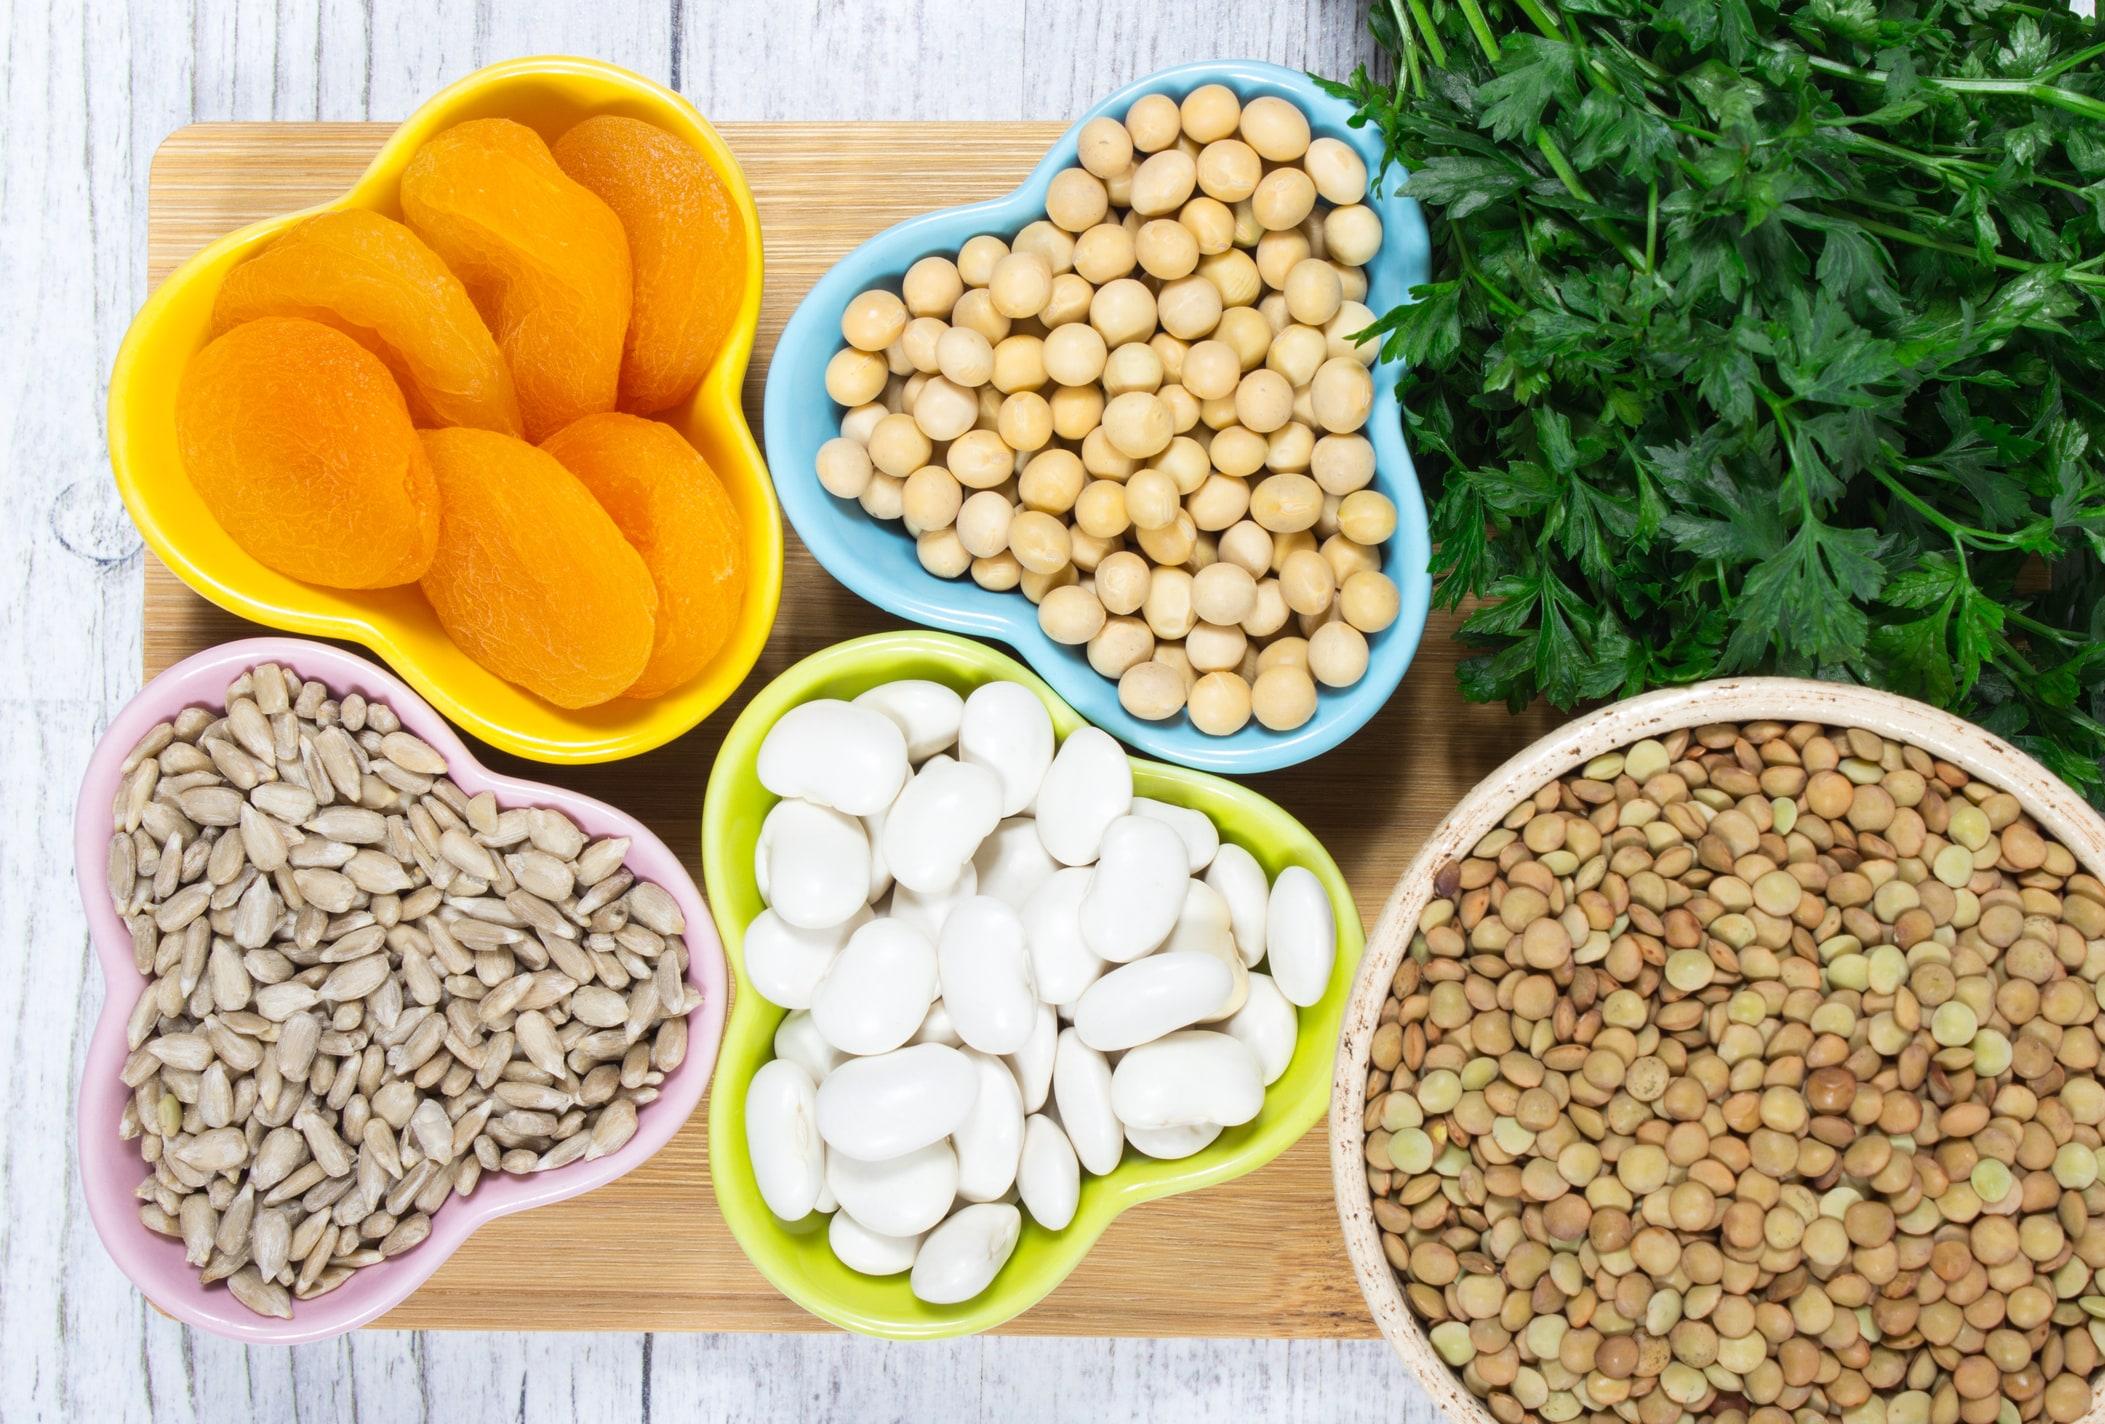 Getreide, Trockenobst, Bohnen